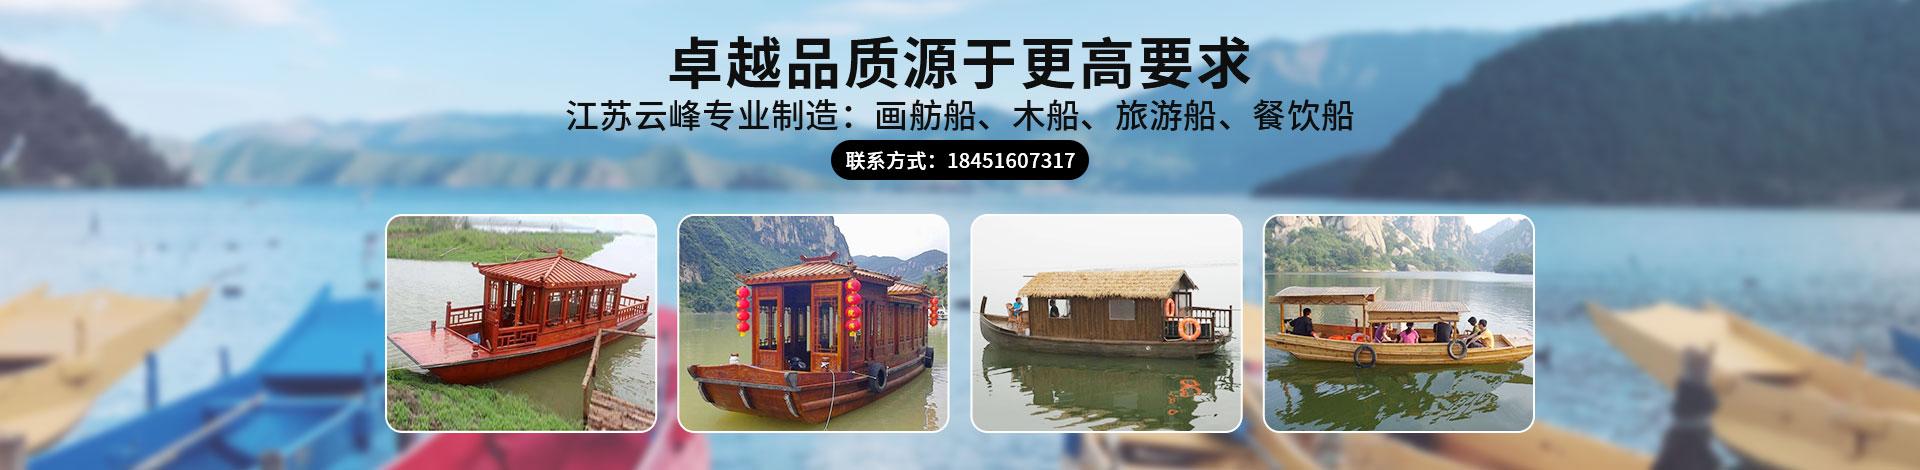 江苏云峰木船制造有限公司